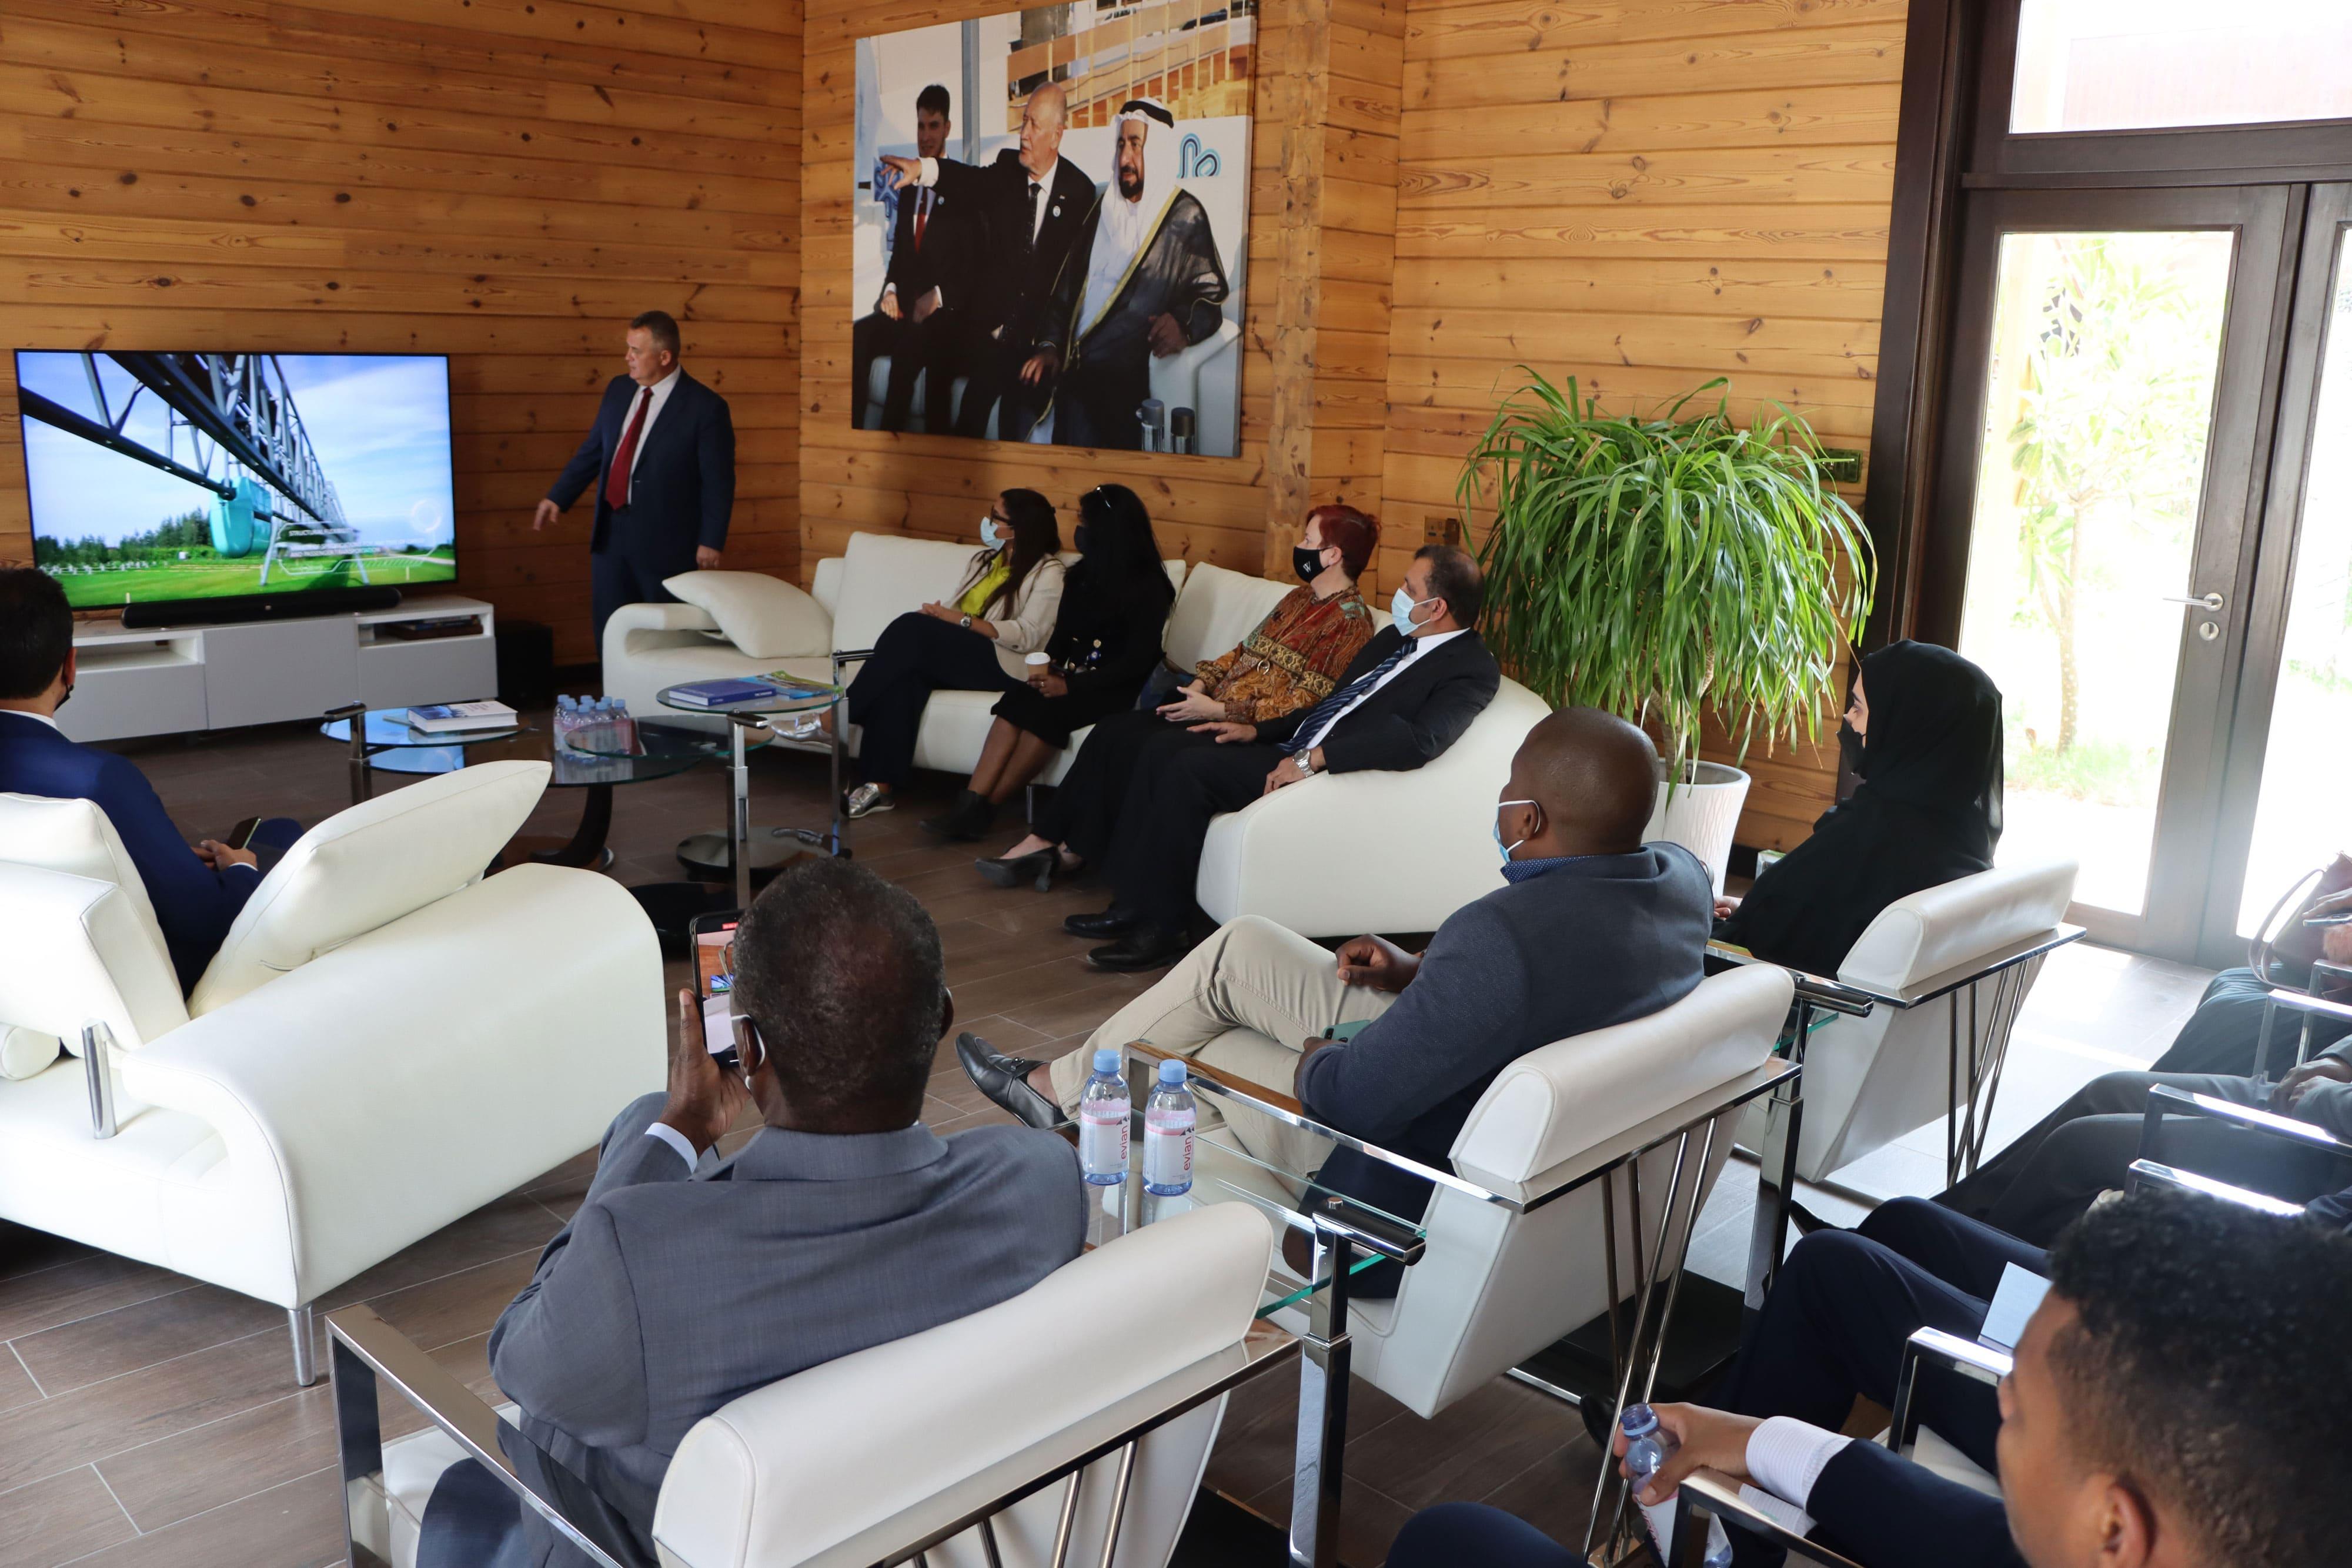 Presentation of uSky Transport & Infrastructure Technology at uHouse, uSky Transport office